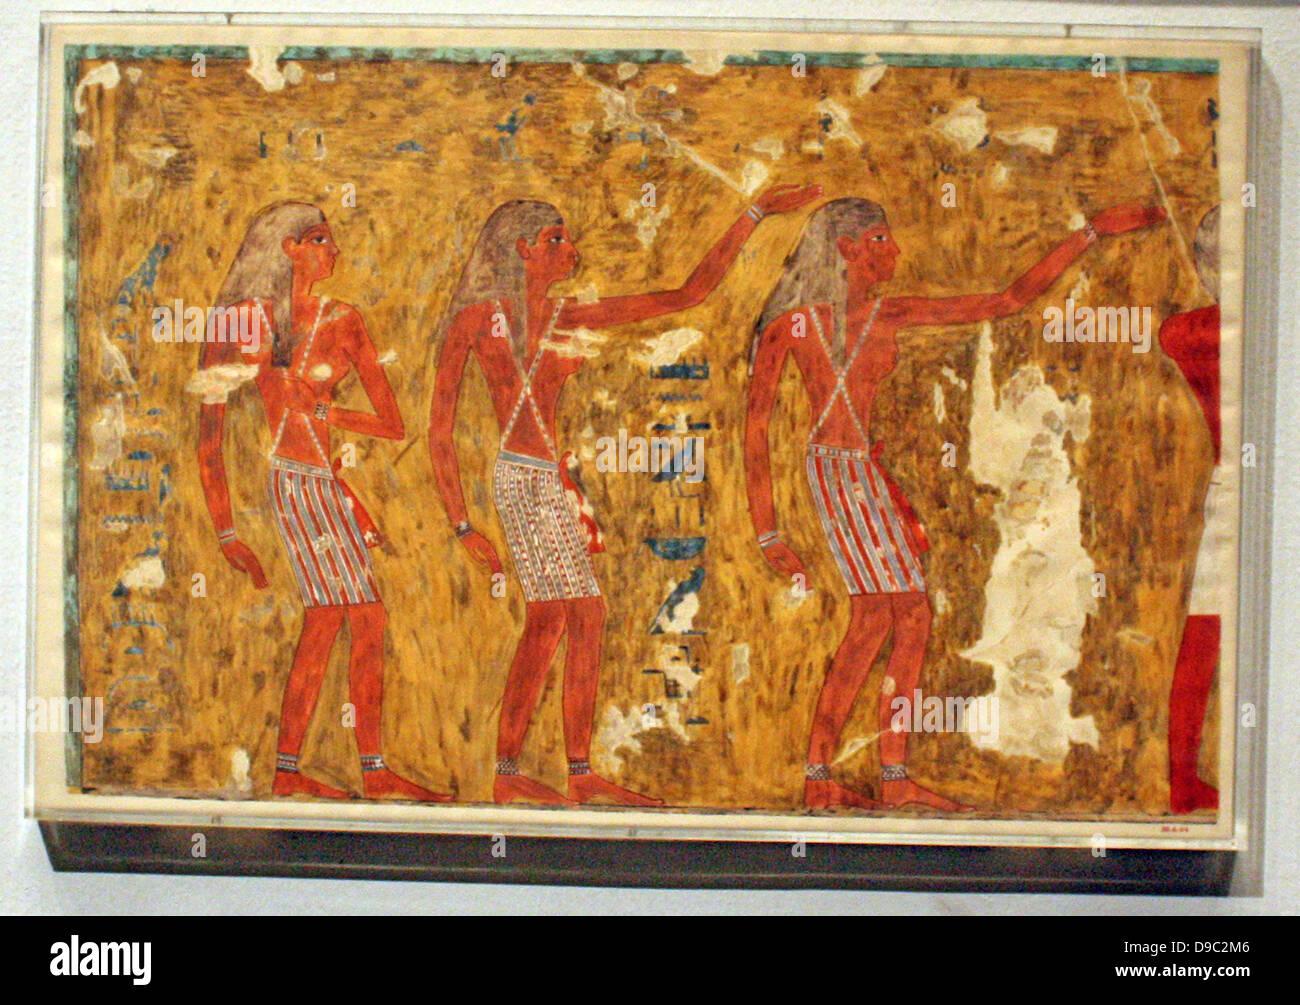 Ägyptische Wandmalereien aus dem Neuen Reich, facsimies der alten  ägyptischen Wanddekoration. Sie sind exakte Kopien der Original Szenen,  exakte in Linie und Farbe und, von wenigen Ausnahmen abgesehen, im Maßstab  1:1 Stockfotografie -